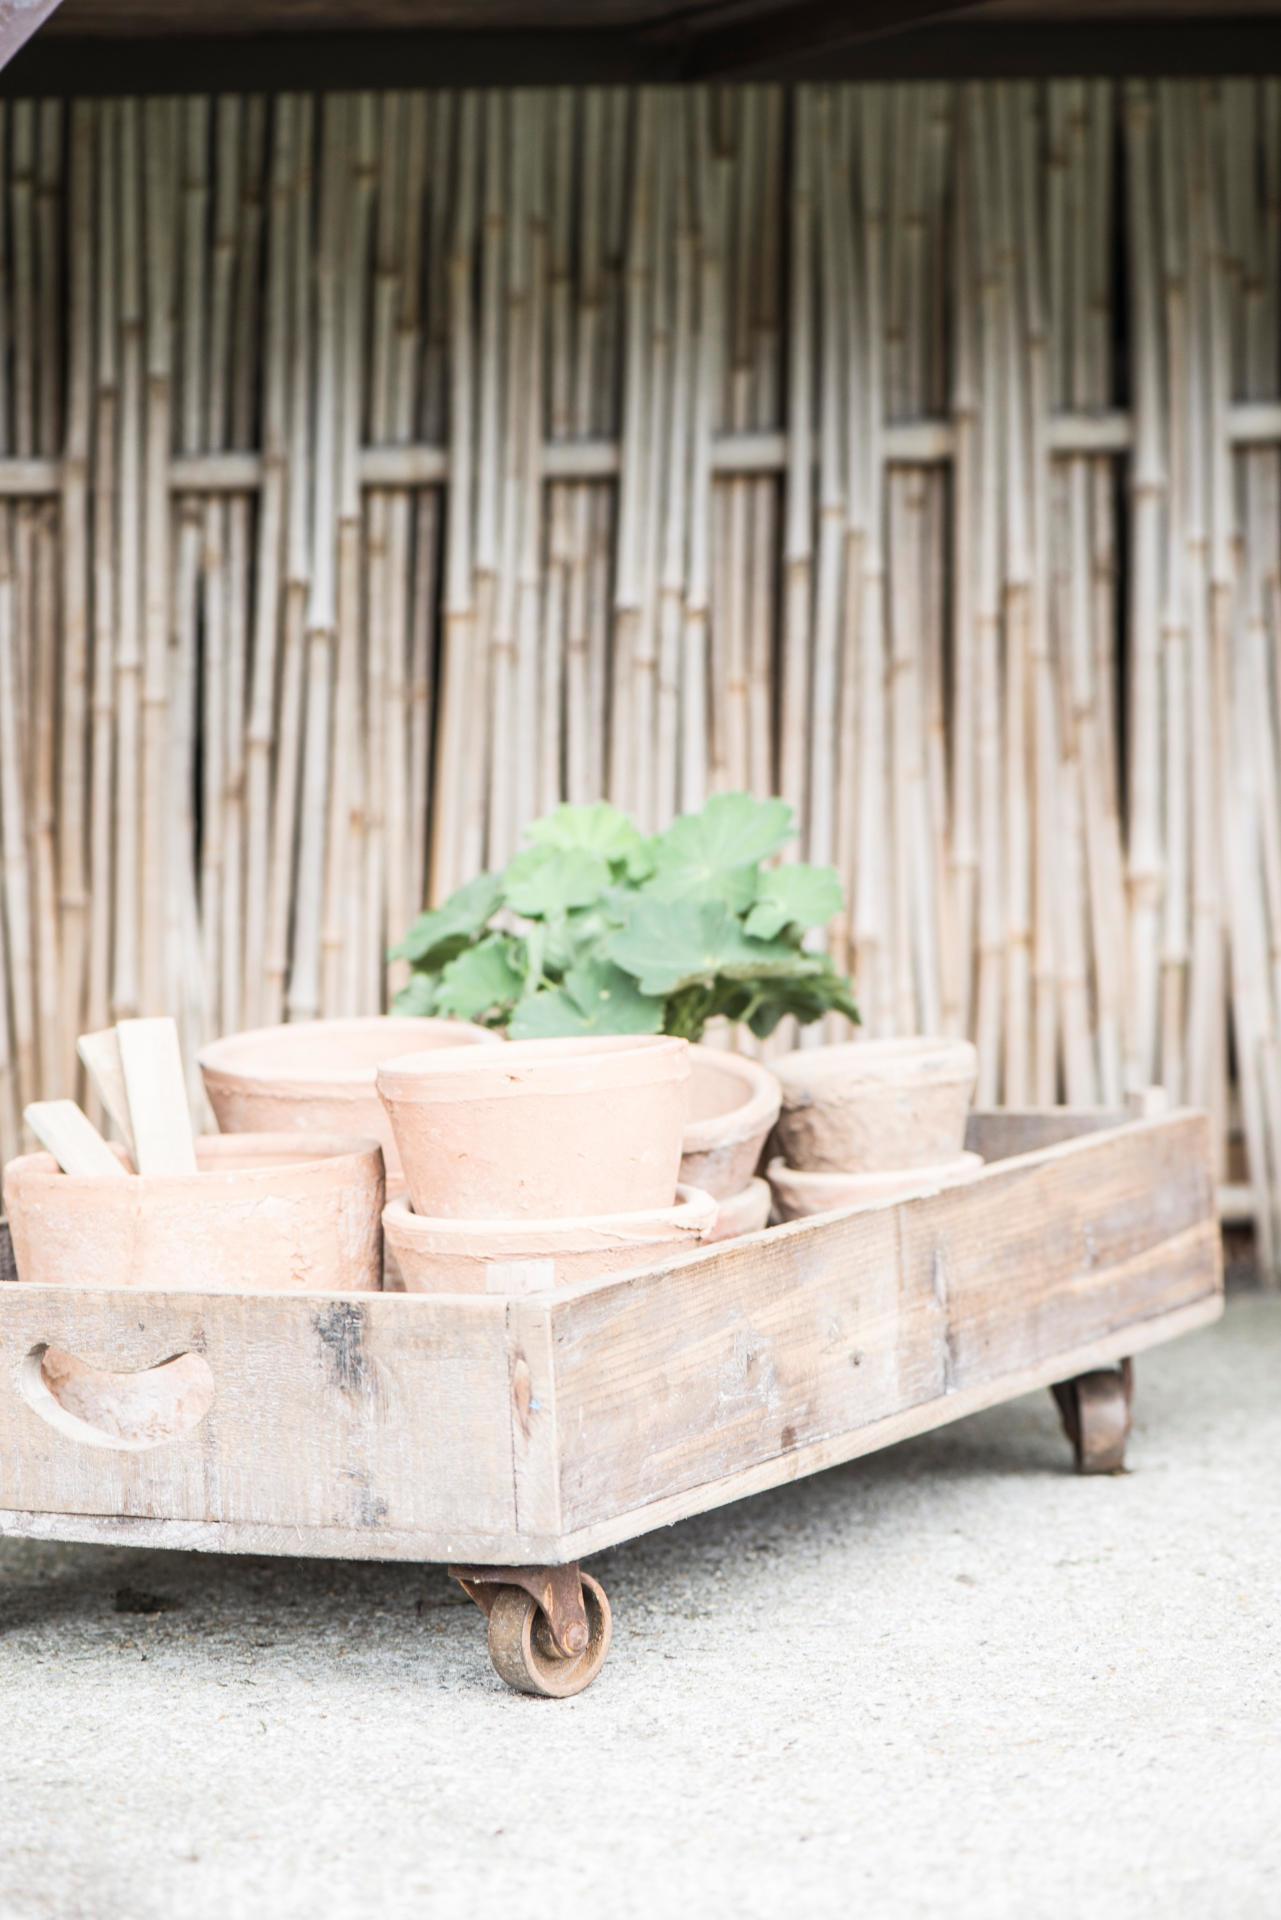 IB LAURSEN Nízký dřevěný box na kolečkách, přírodní barva, dřevo, kov